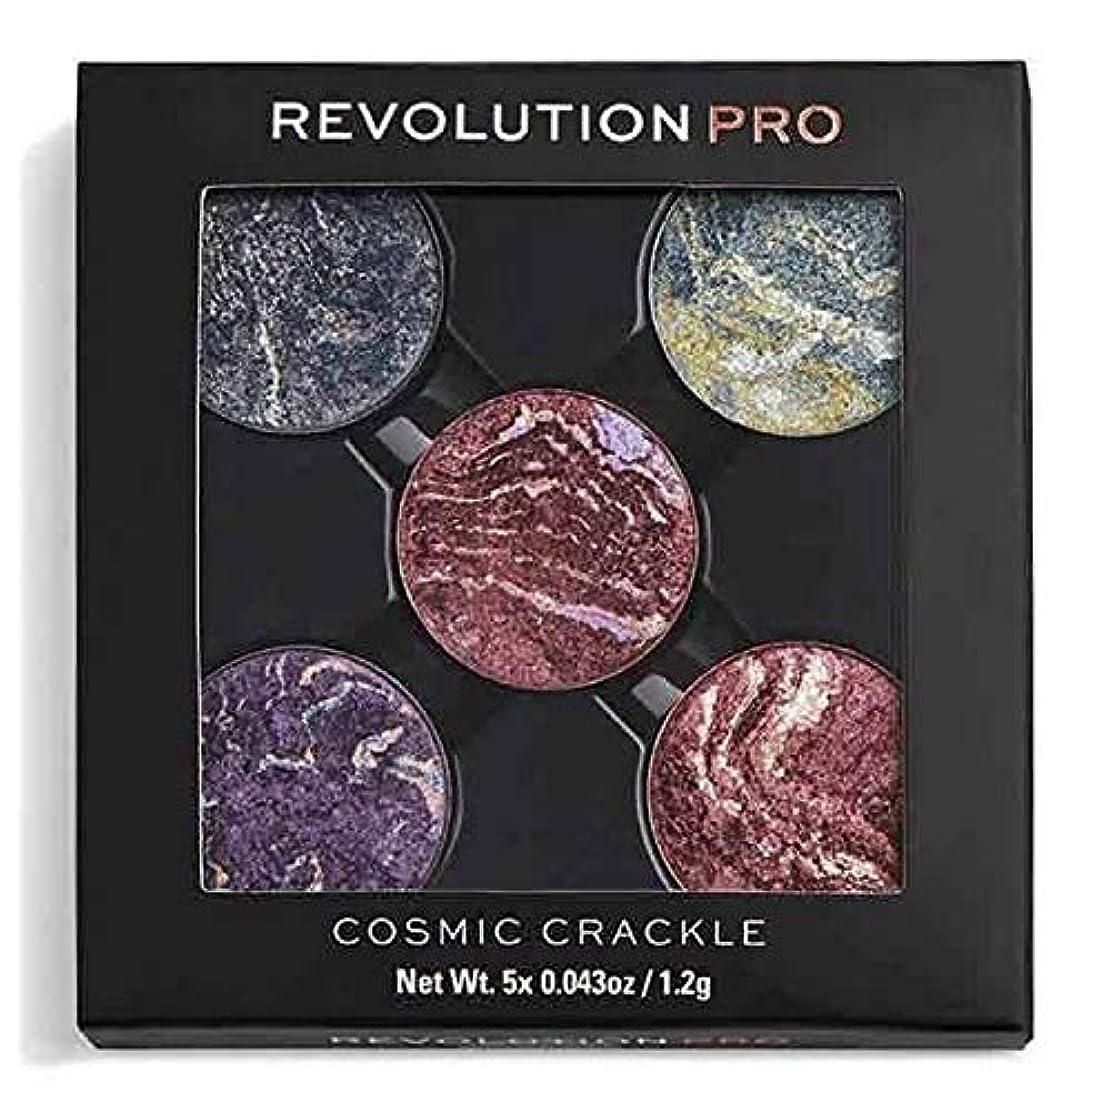 ワイド外向き兵器庫[Revolution ] 革命プロリフィルアイシャドウは、宇宙クラックルをパック - Revolution Pro Refill Eyeshadow Pack Cosmic Crackle [並行輸入品]